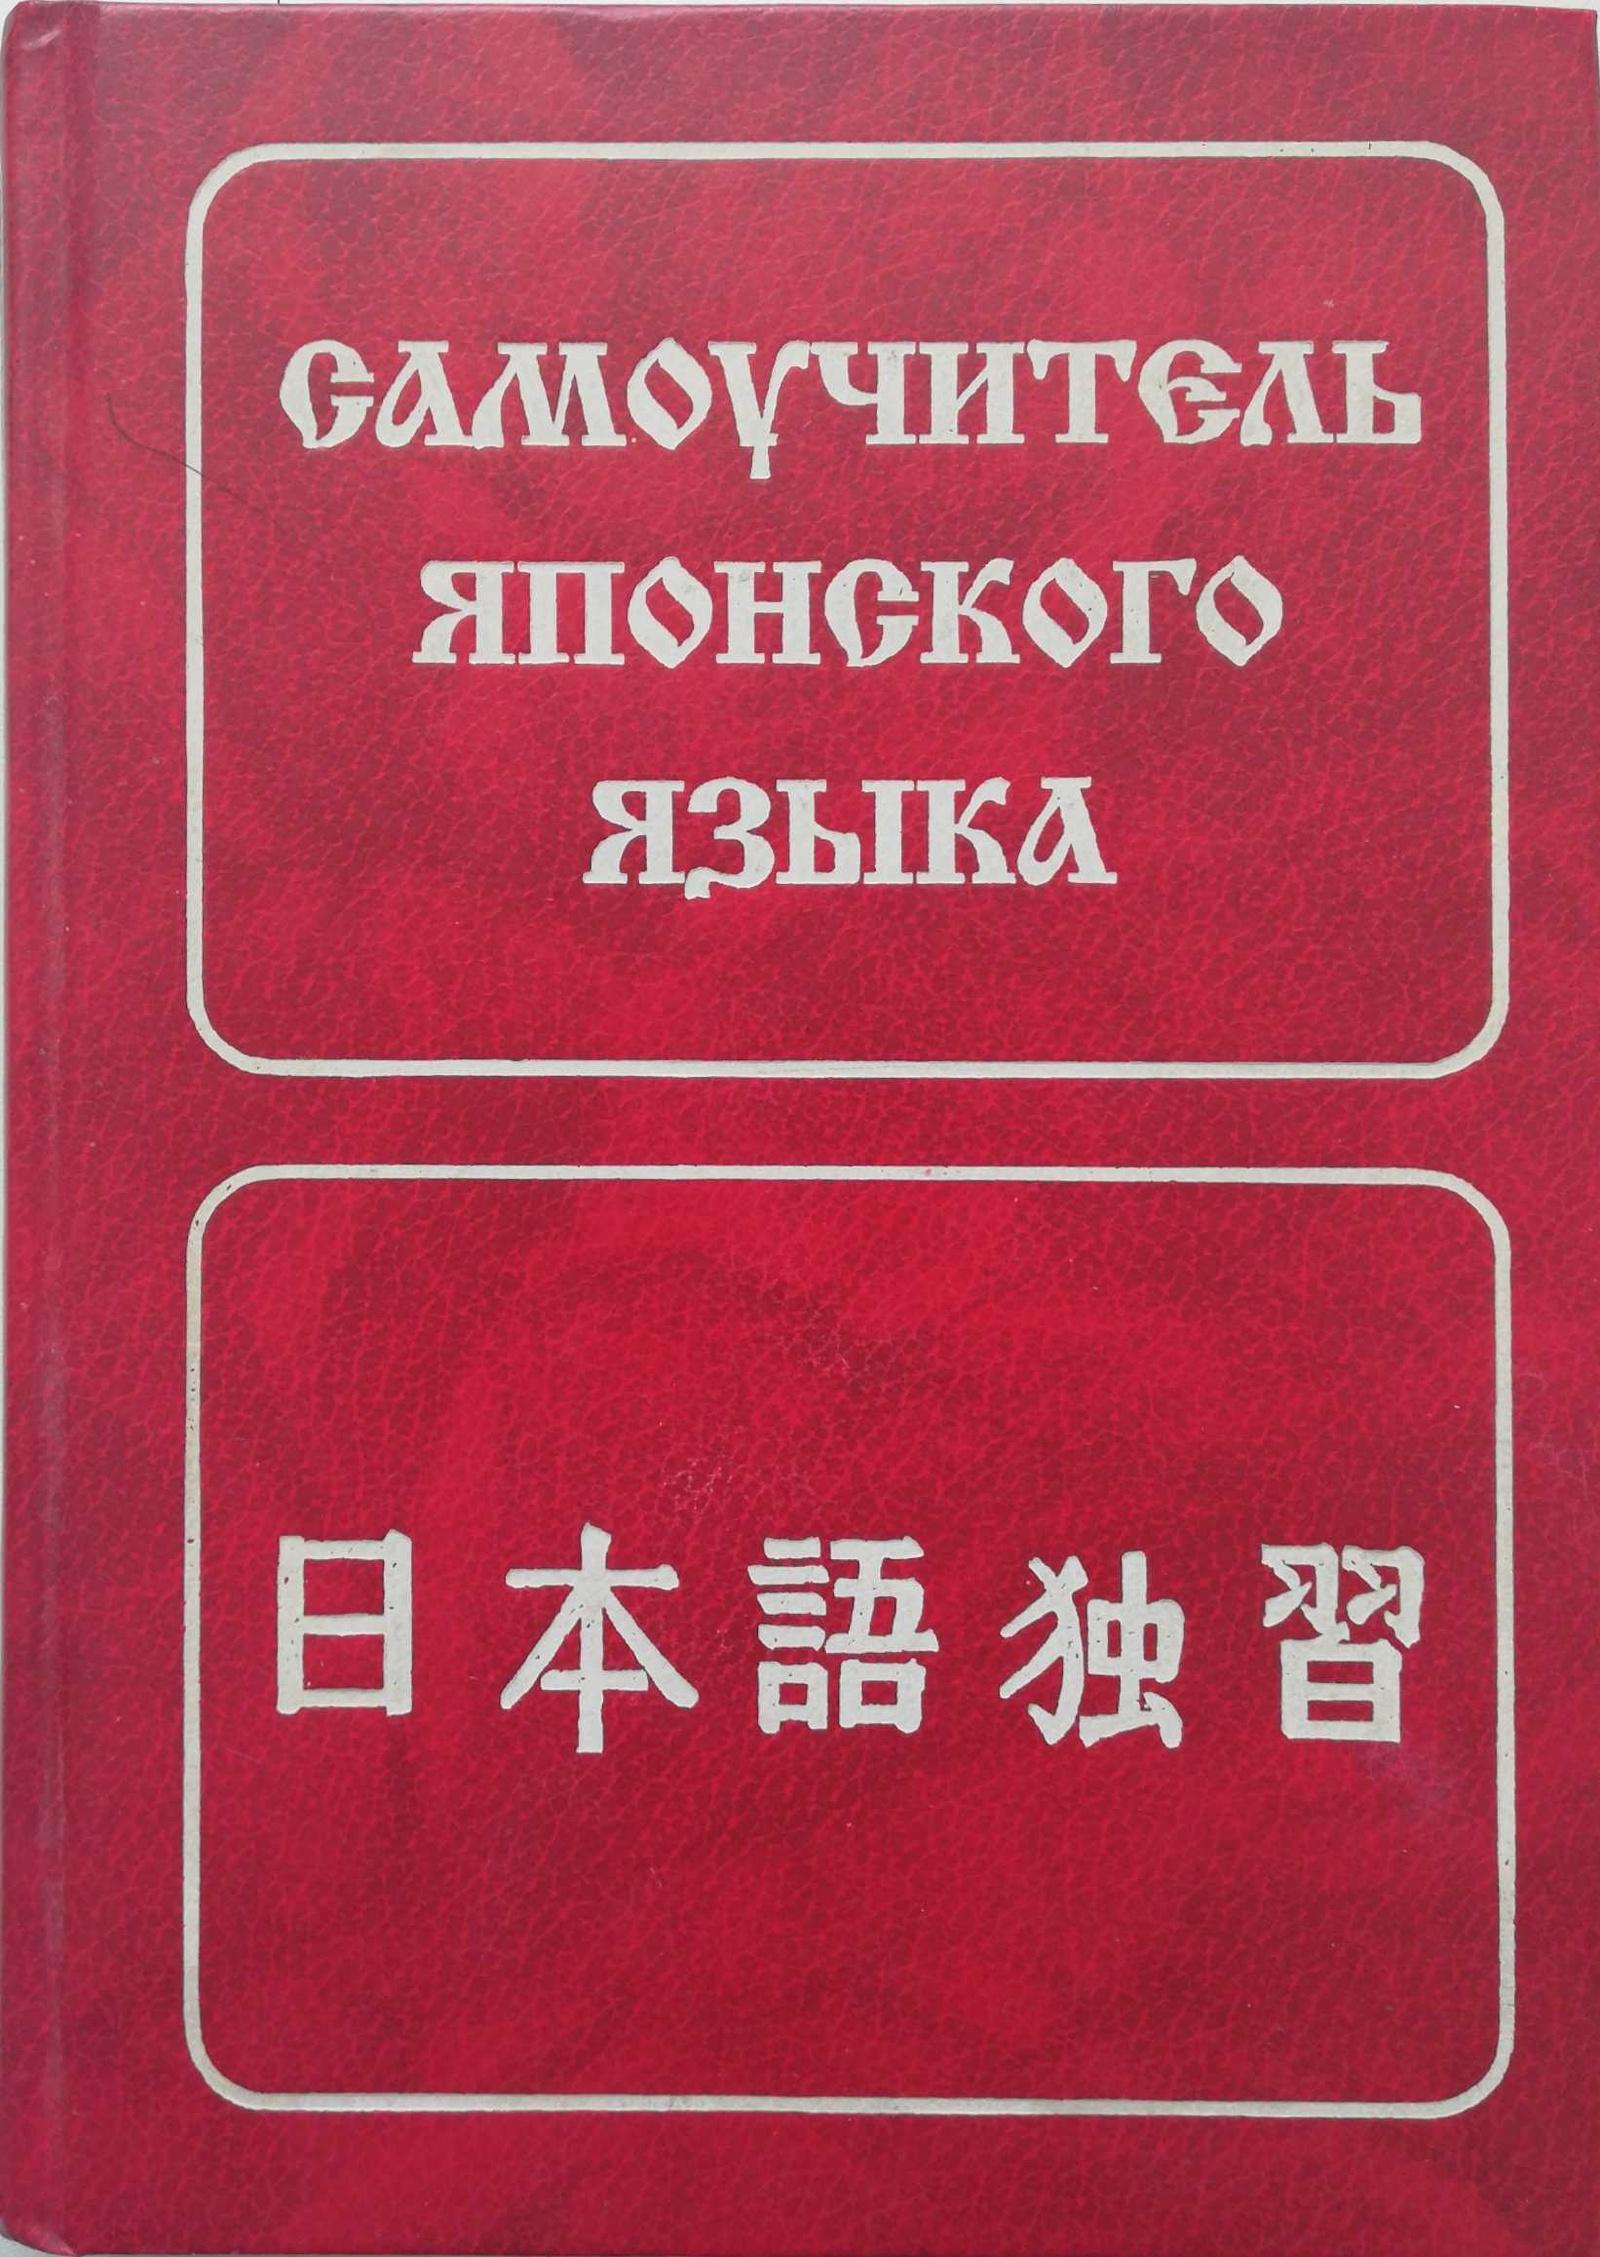 Борис Лаврентьев. Самоучитель японского языка